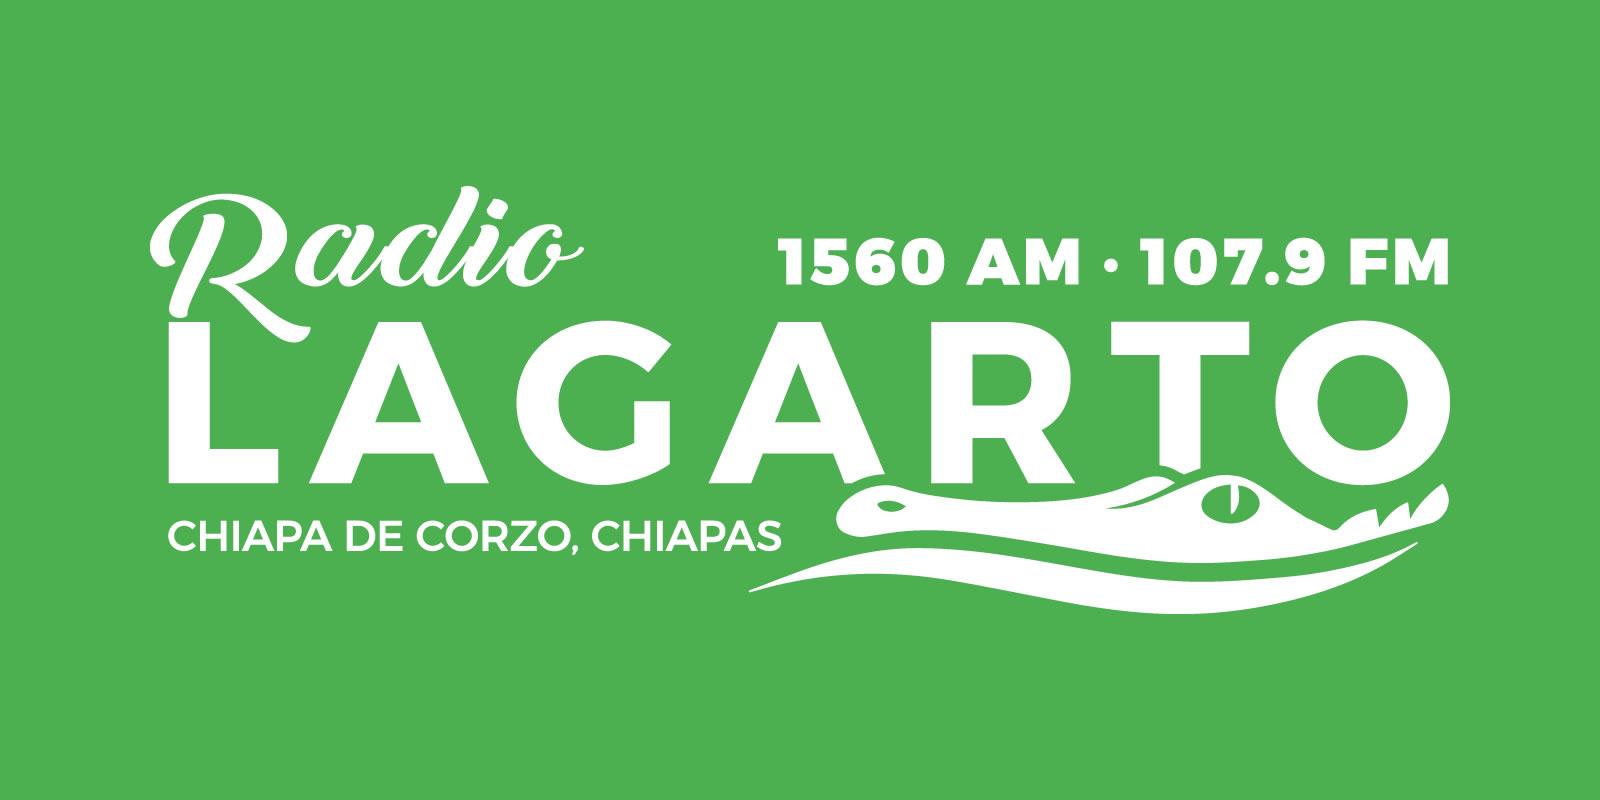 Radio Lagarto, 1560 AM, Chiapa de Corzo, Chiapas